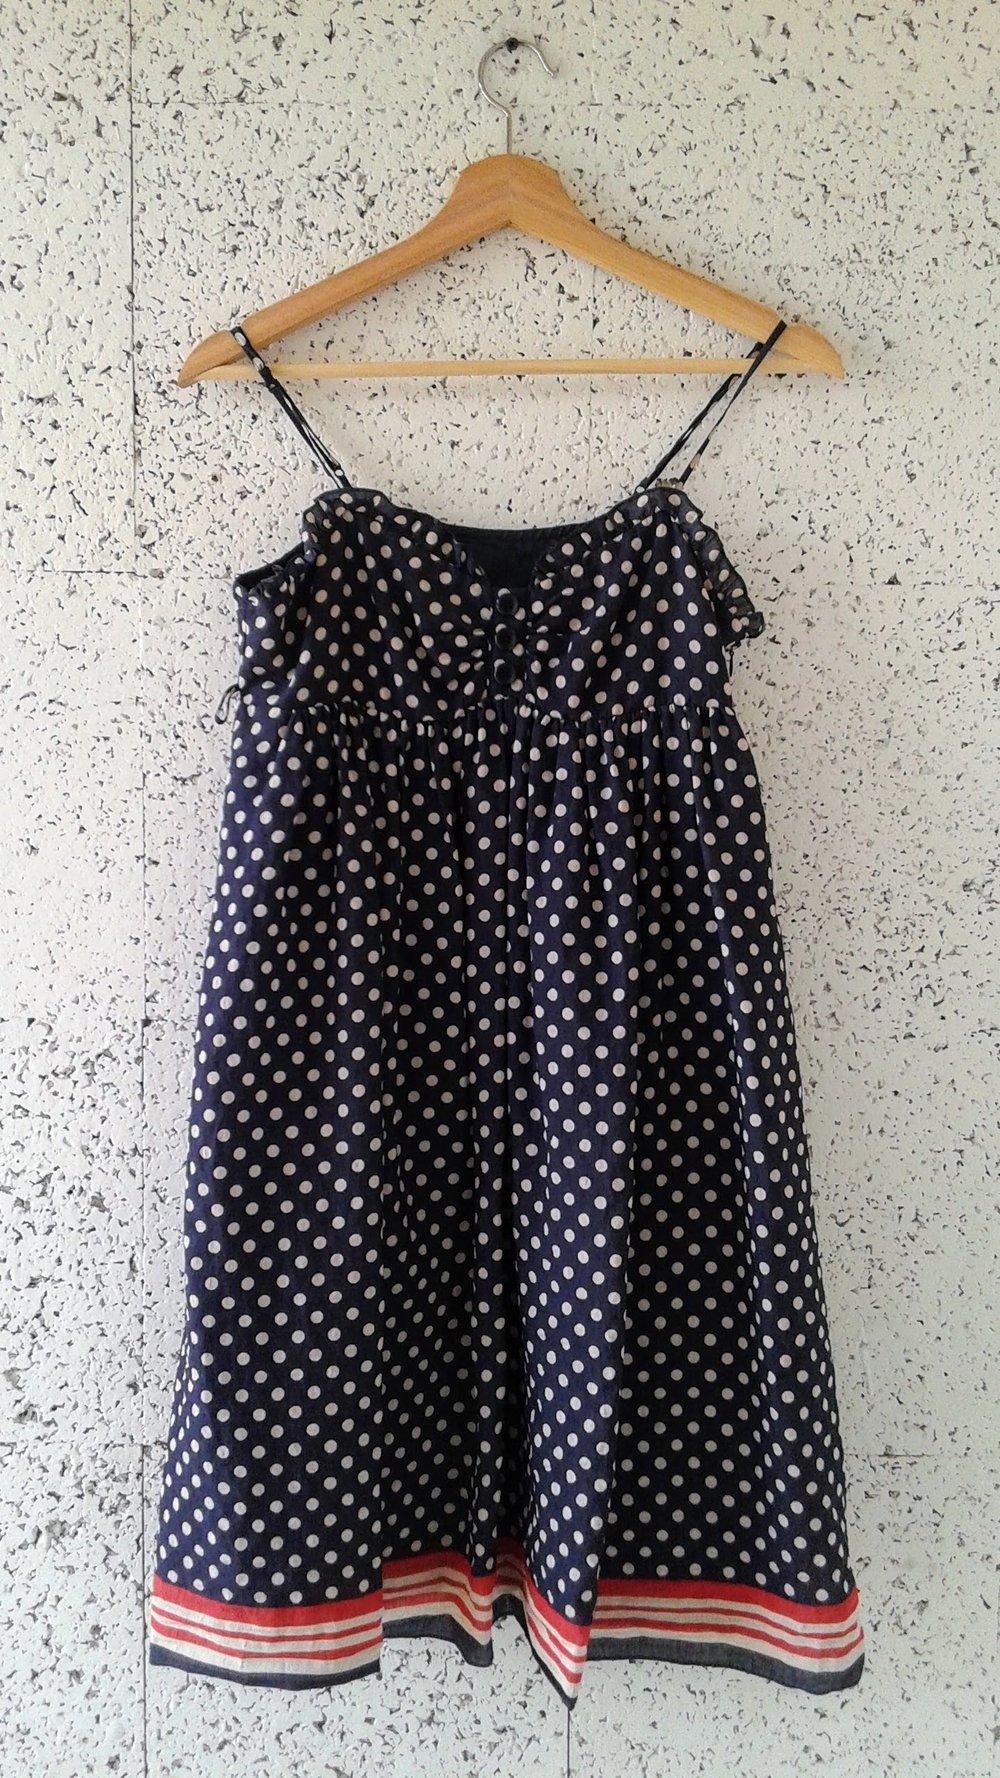 Dot dress; Size M, $24